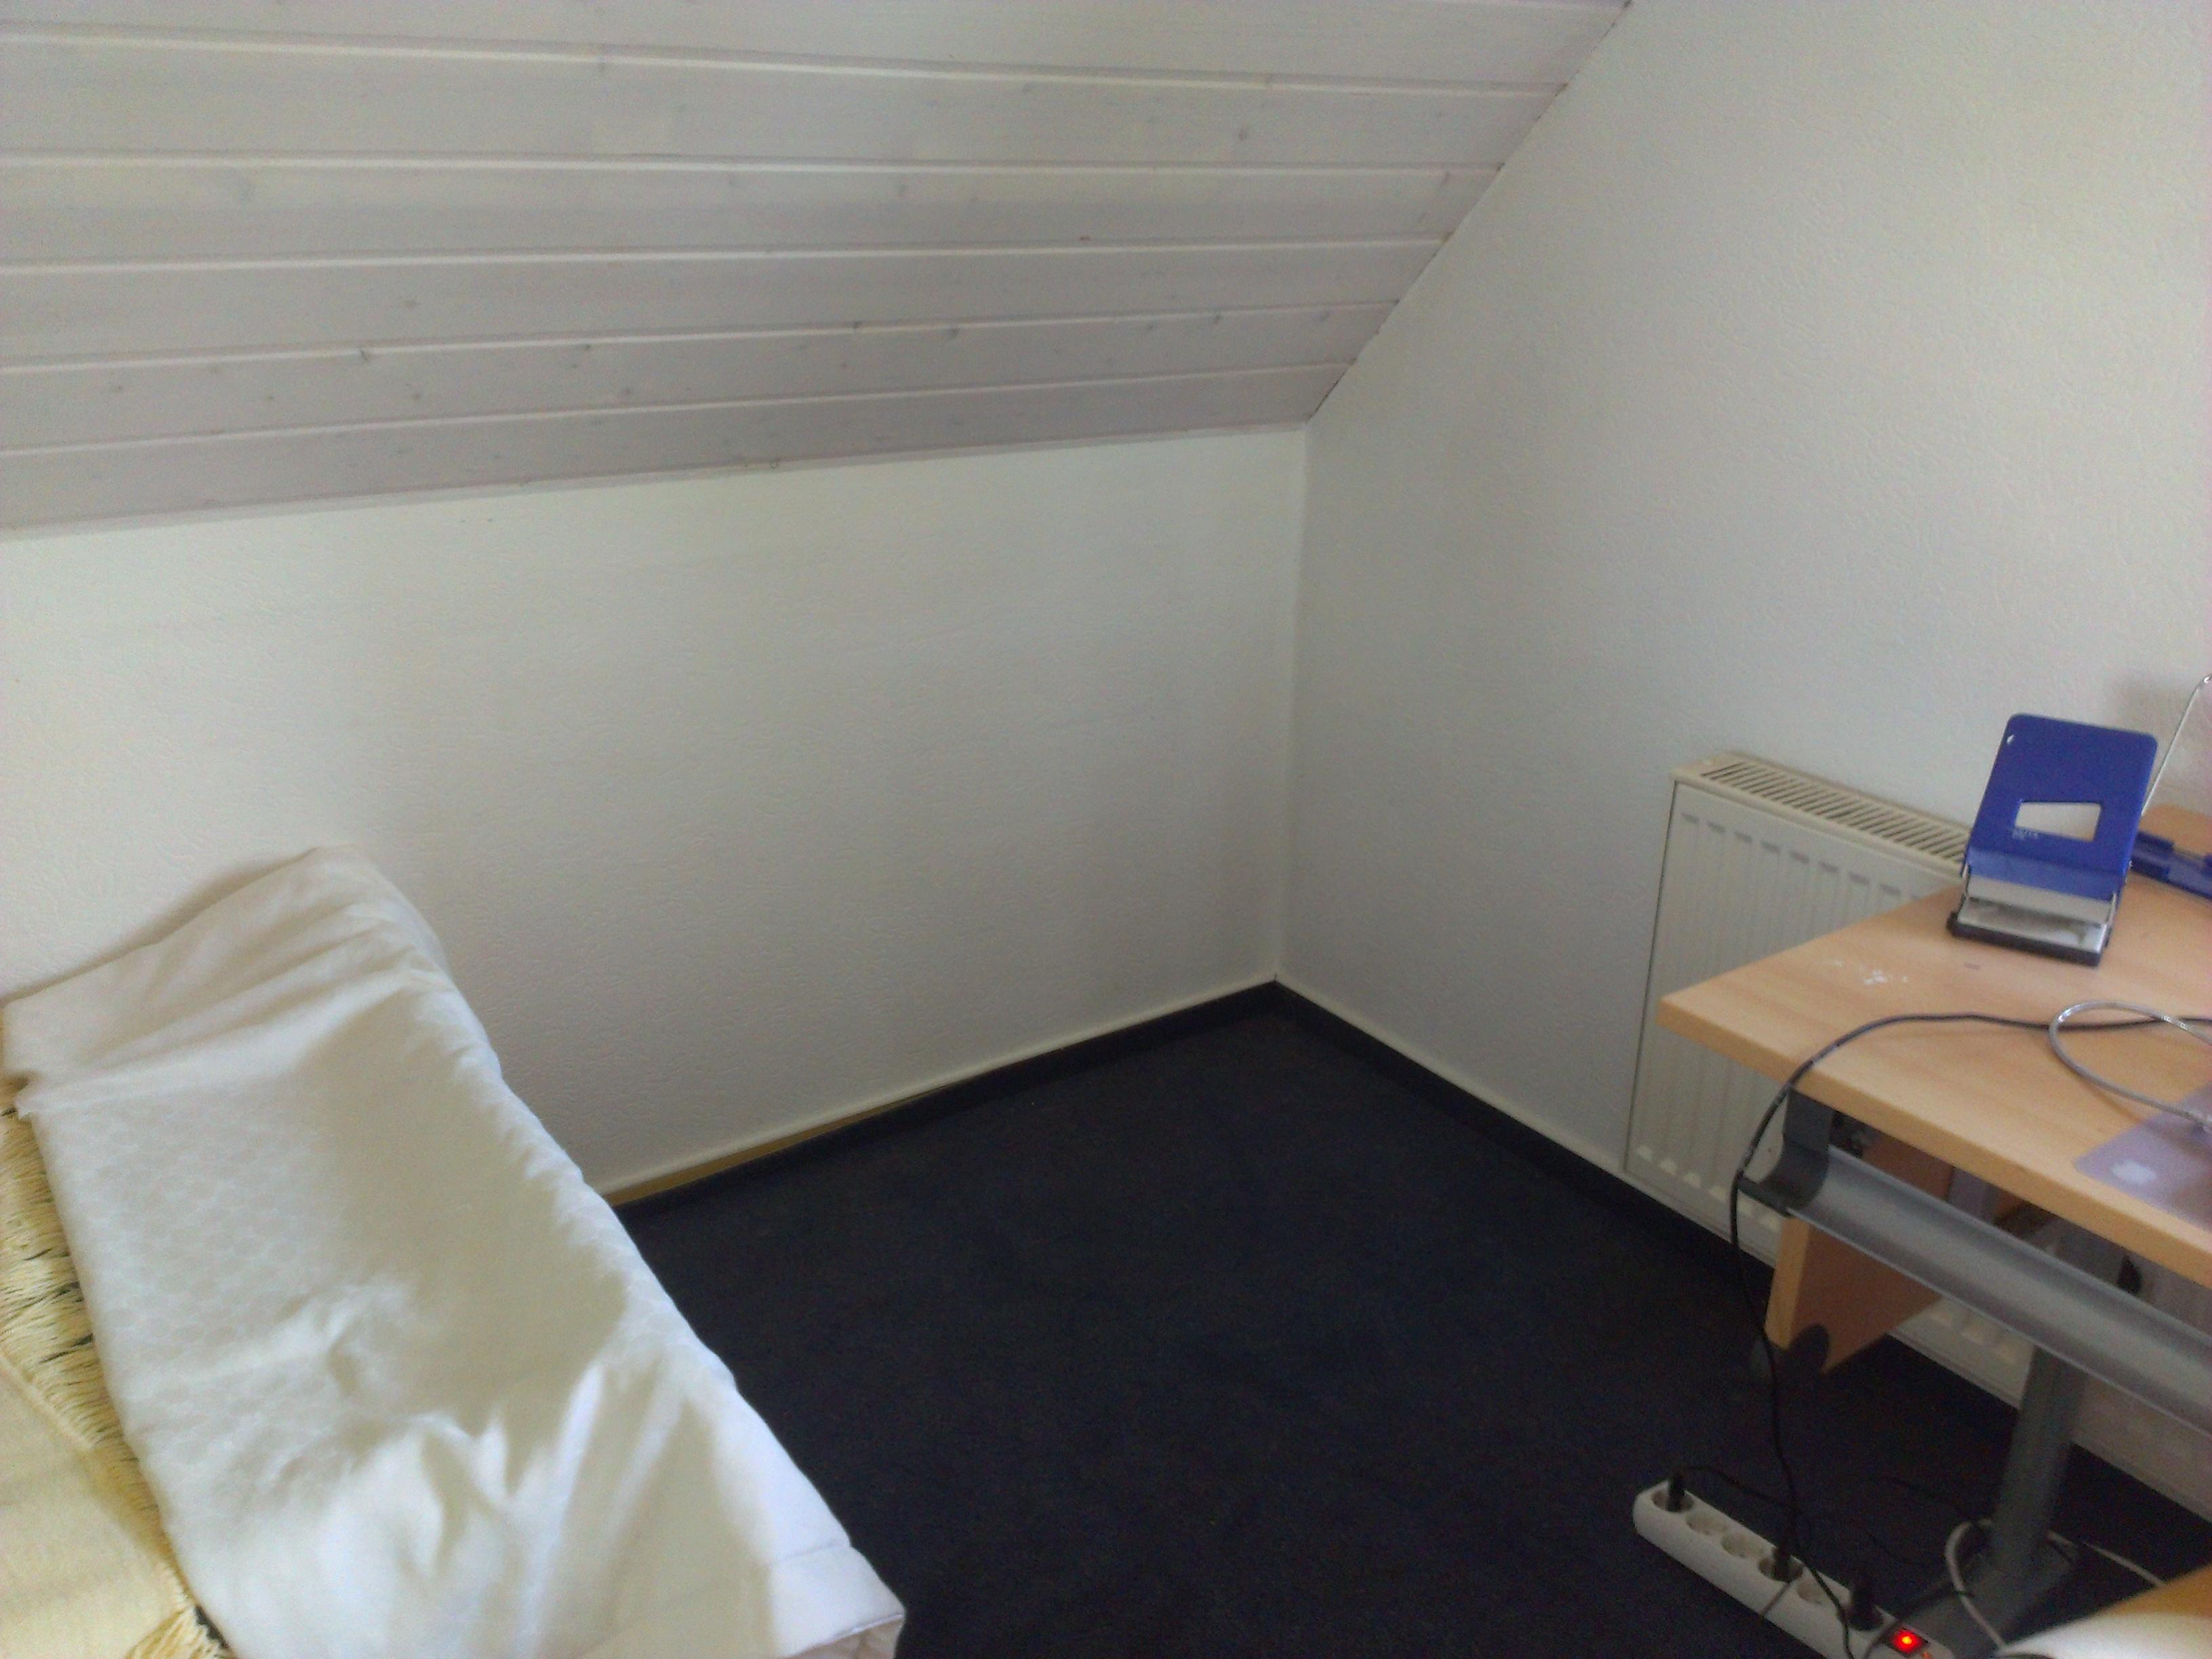 dunkle ecke im zimmer wie kann ich dir ausf llen. Black Bedroom Furniture Sets. Home Design Ideas